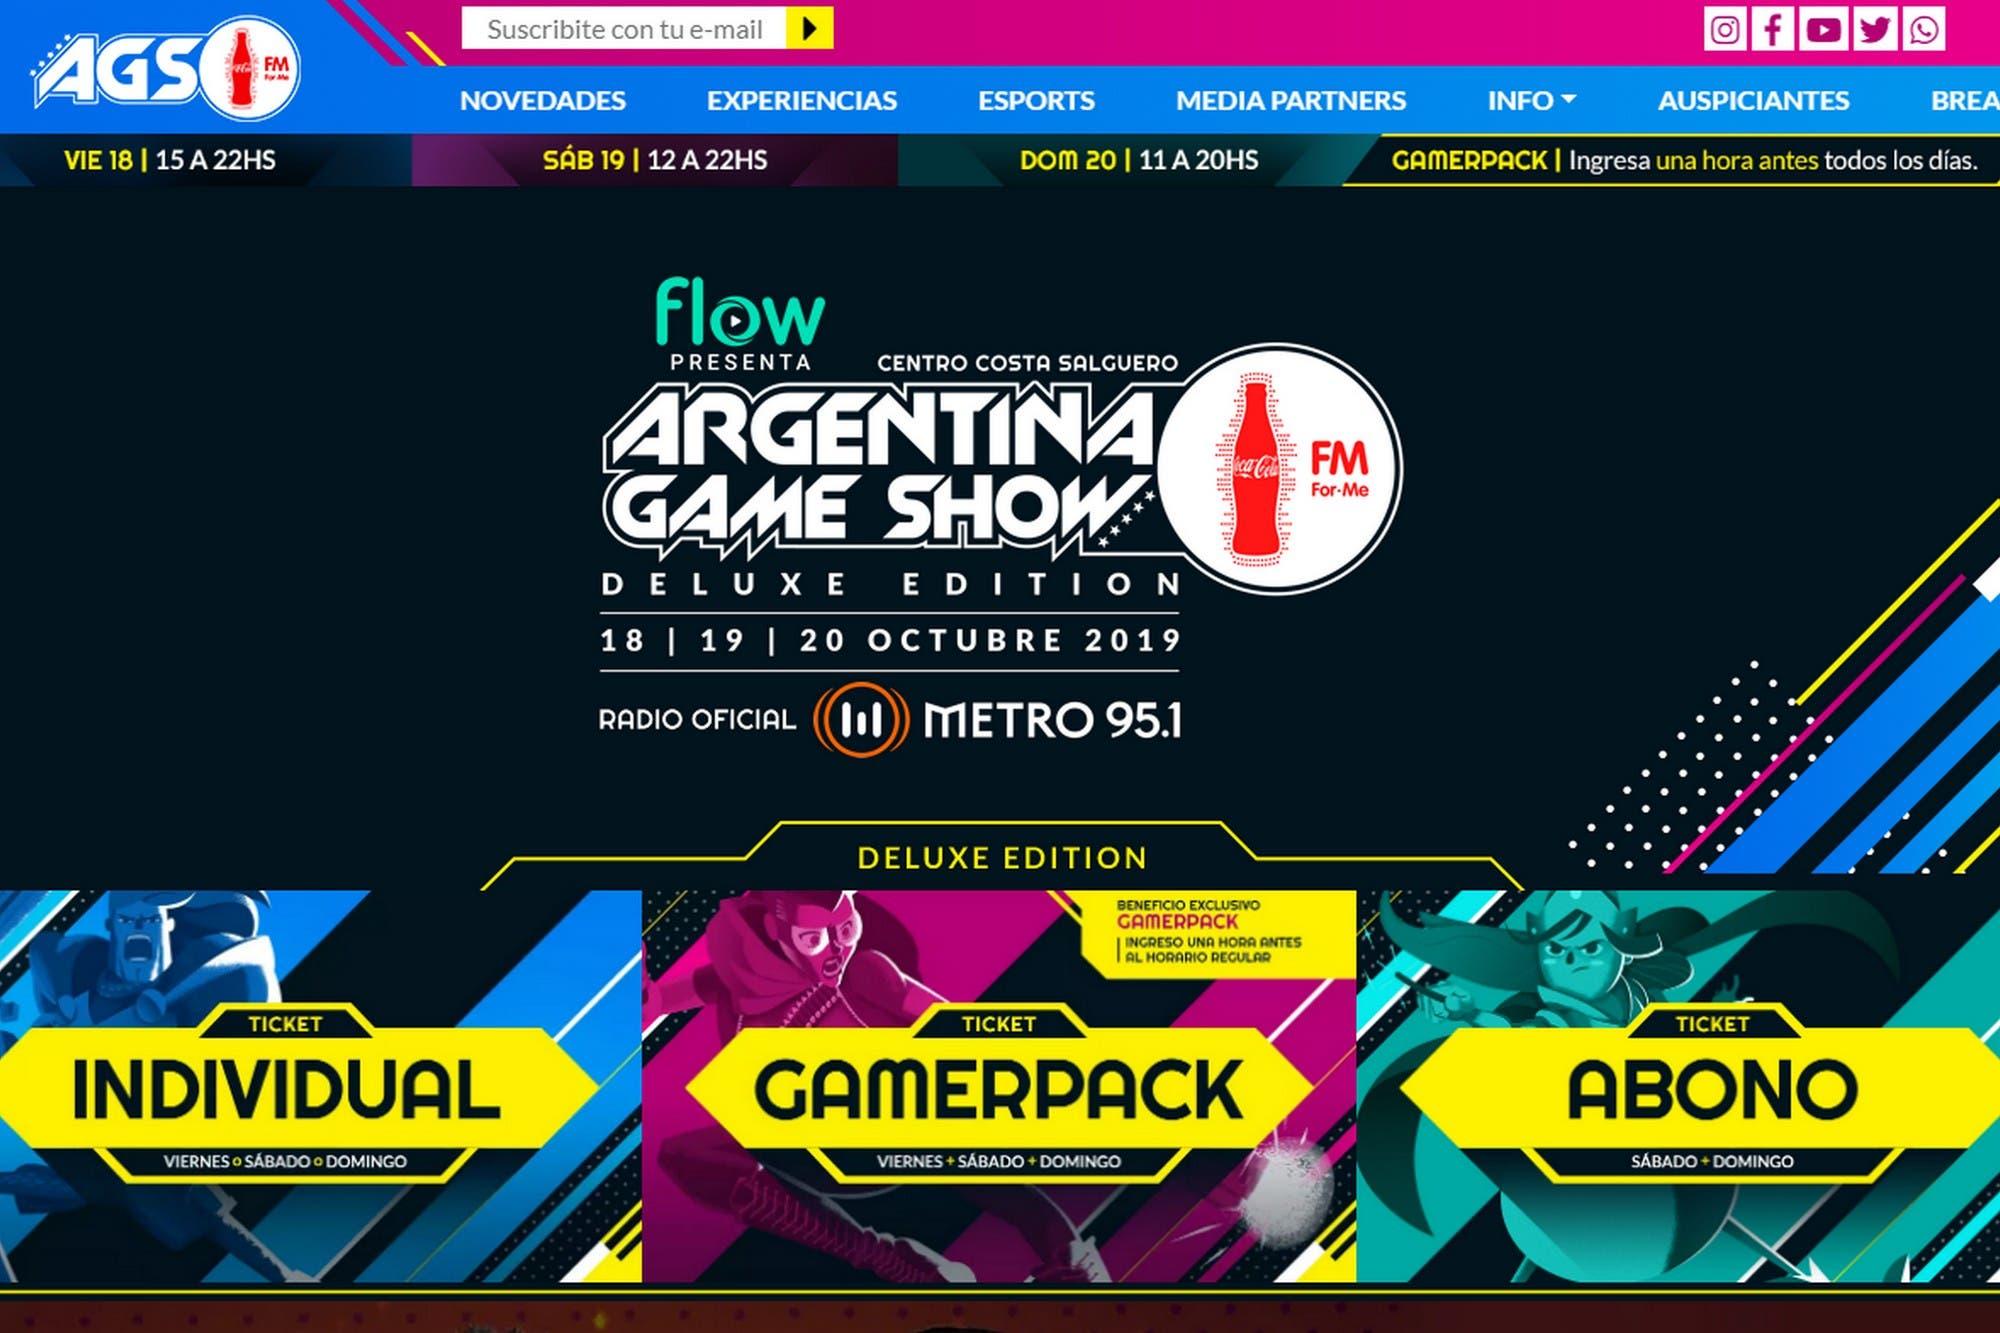 750 mil pesos en premios: así será el Argentina Game Show con torneos de Counter Strike y Call of Duty